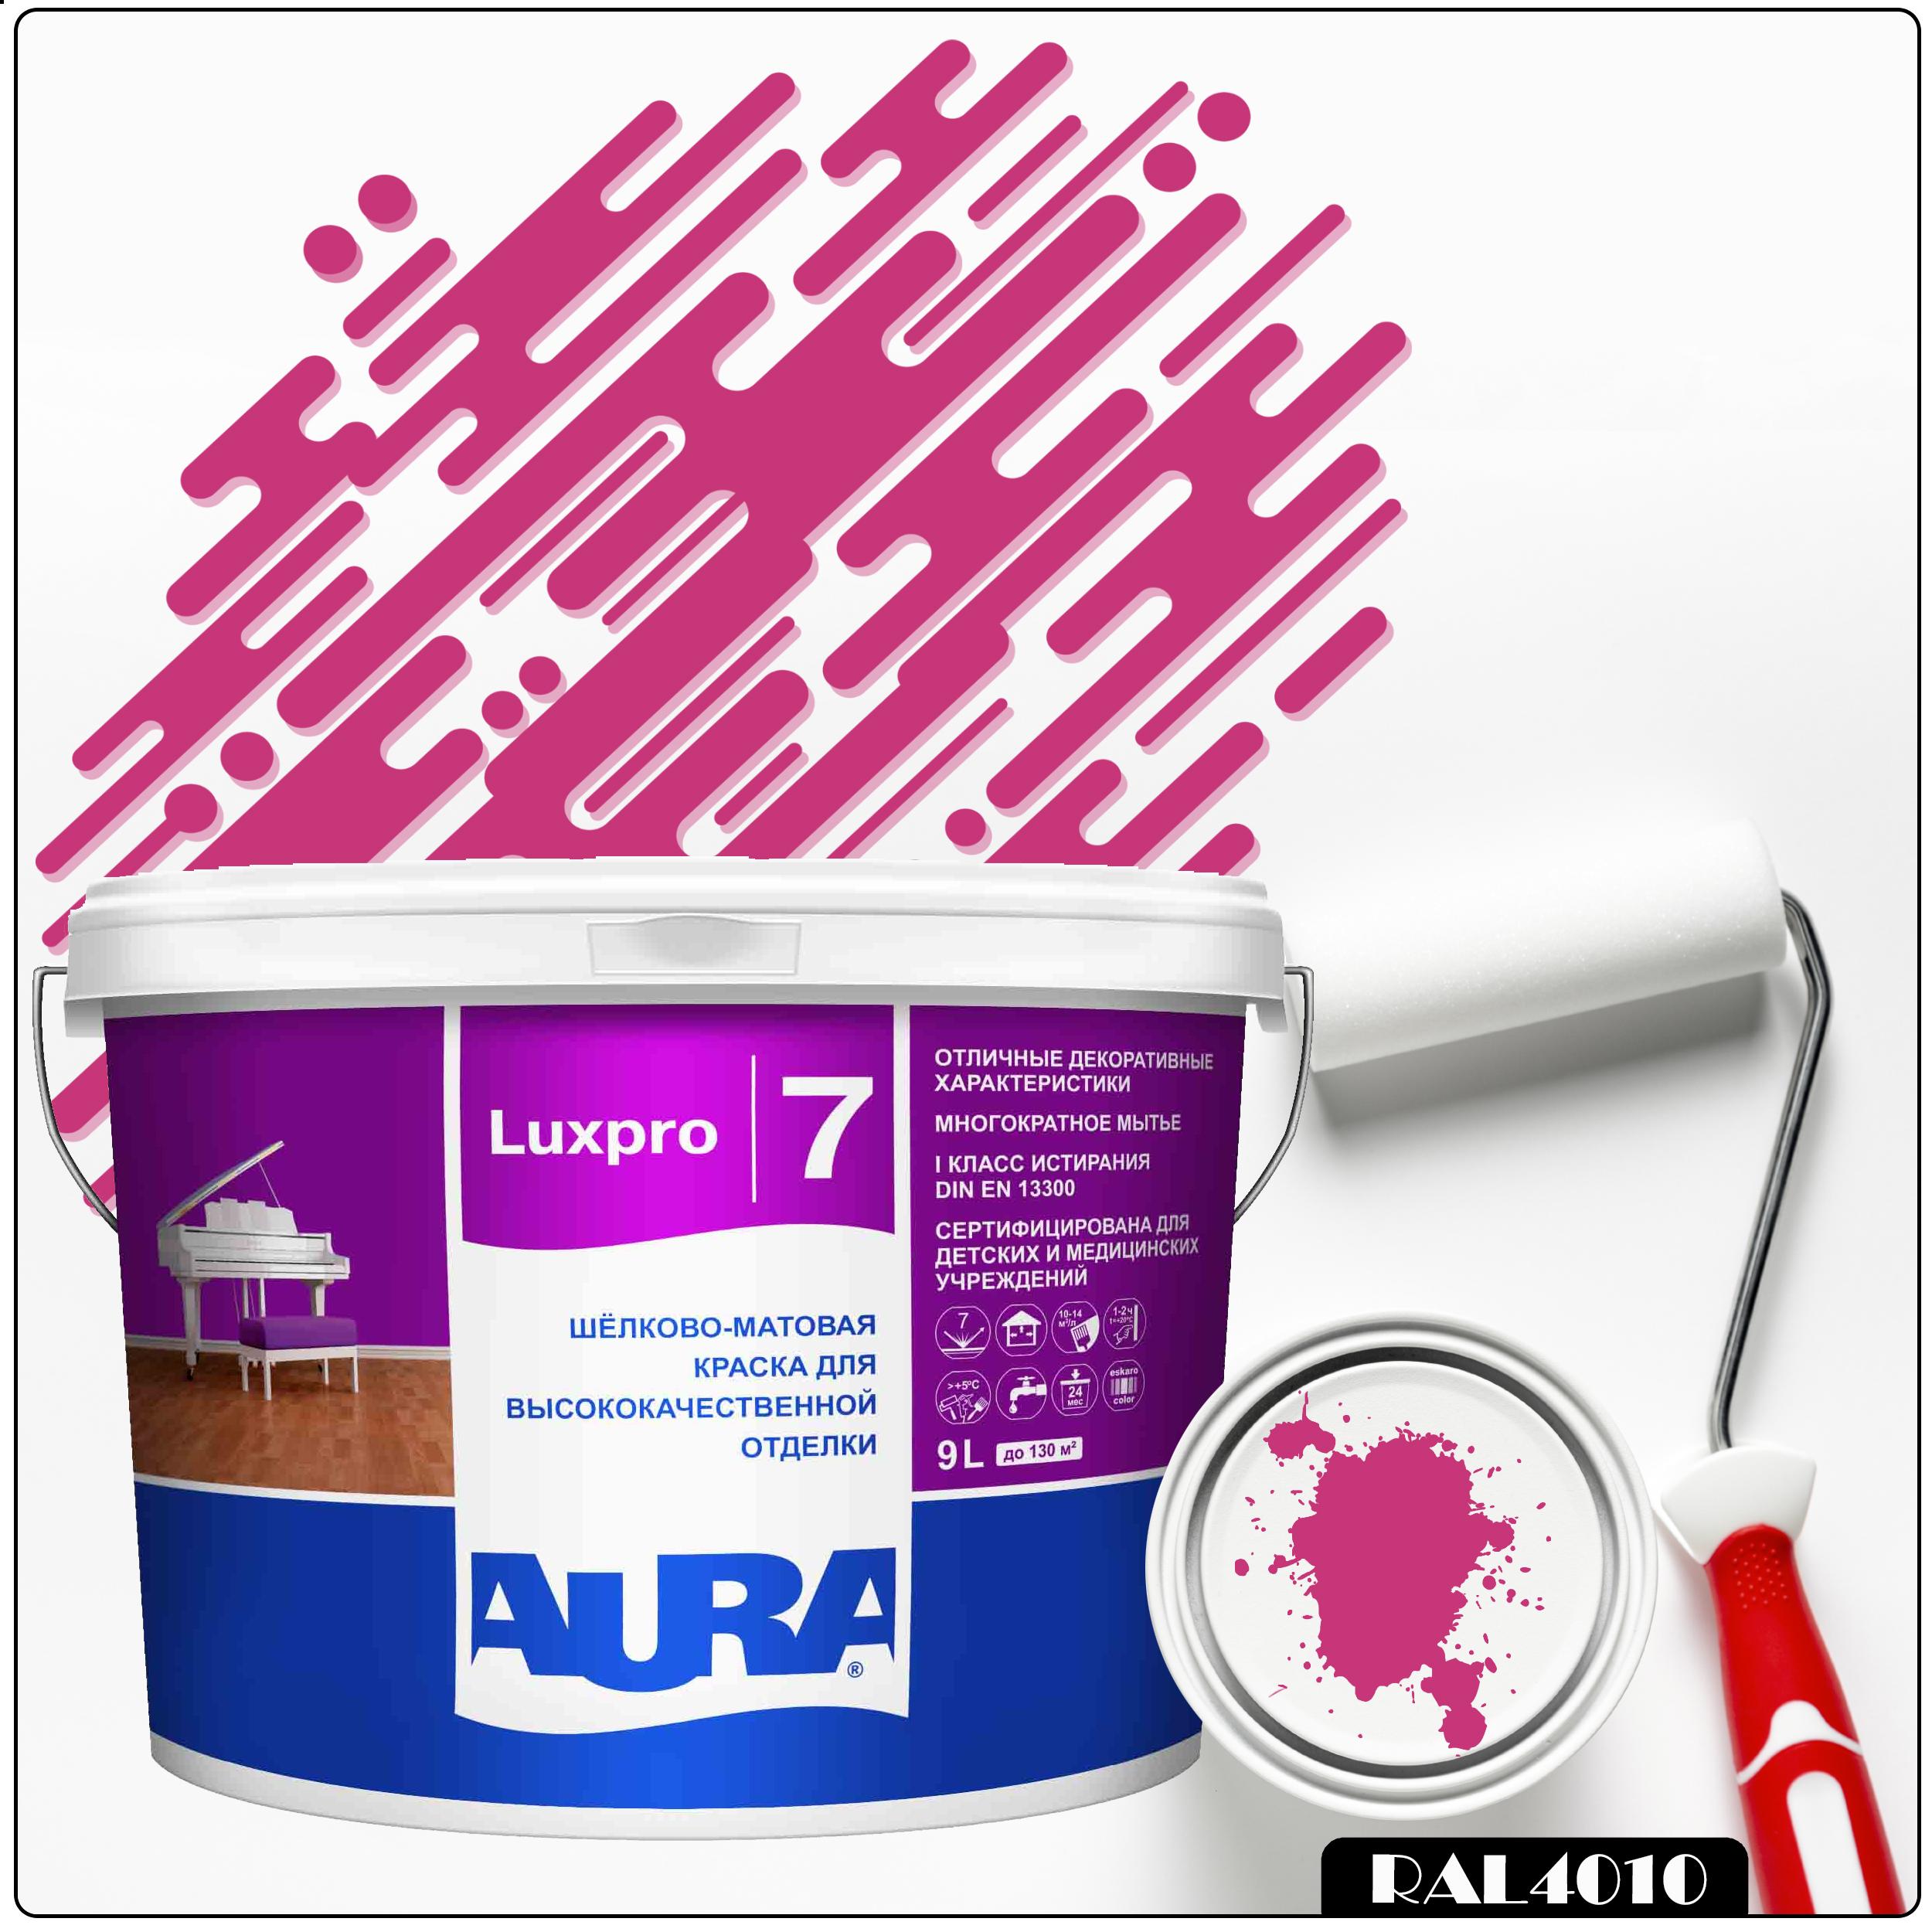 Фото 10 - Краска Aura LuxPRO 7, RAL 4010 Телемагента, латексная, шелково-матовая, интерьерная, 9л, Аура.